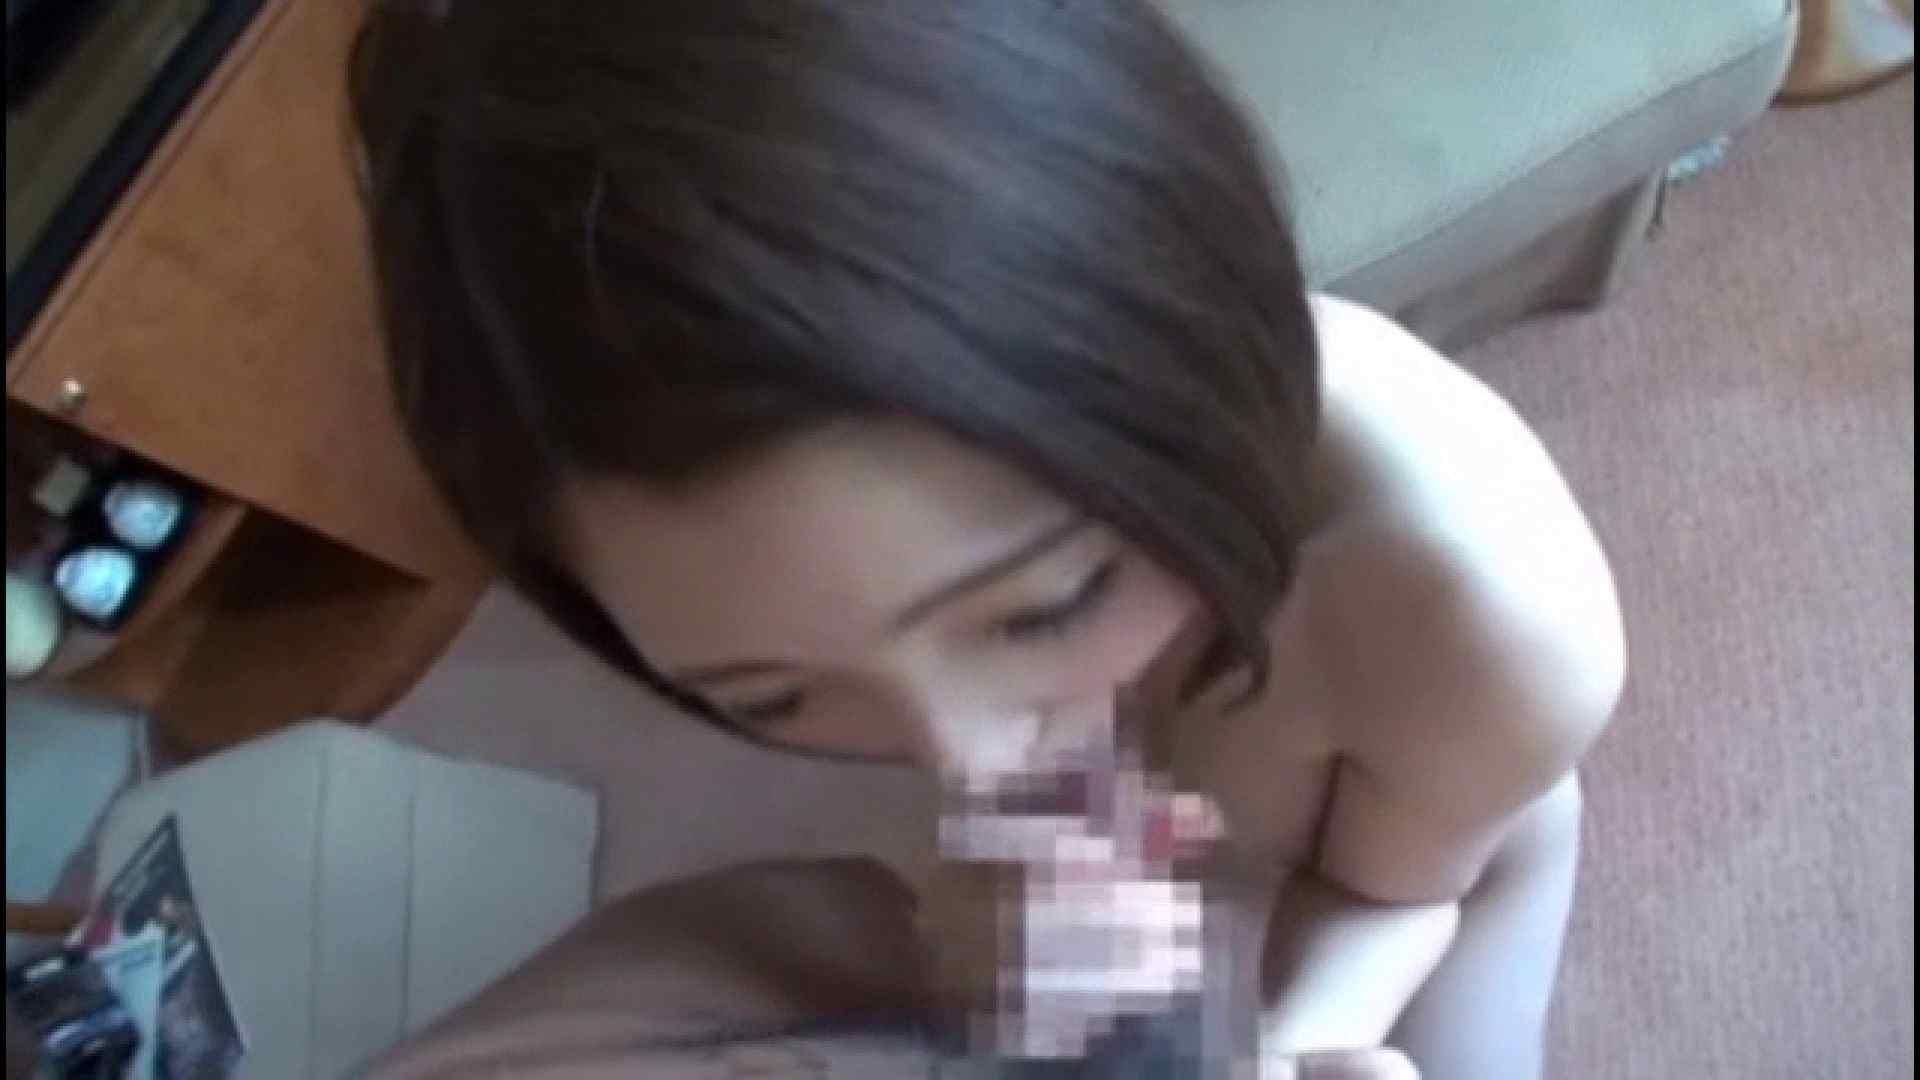 おしえてギャル子のH塾 Vol.45後編 小悪魔ギャル | マンコ映像  105連発 11